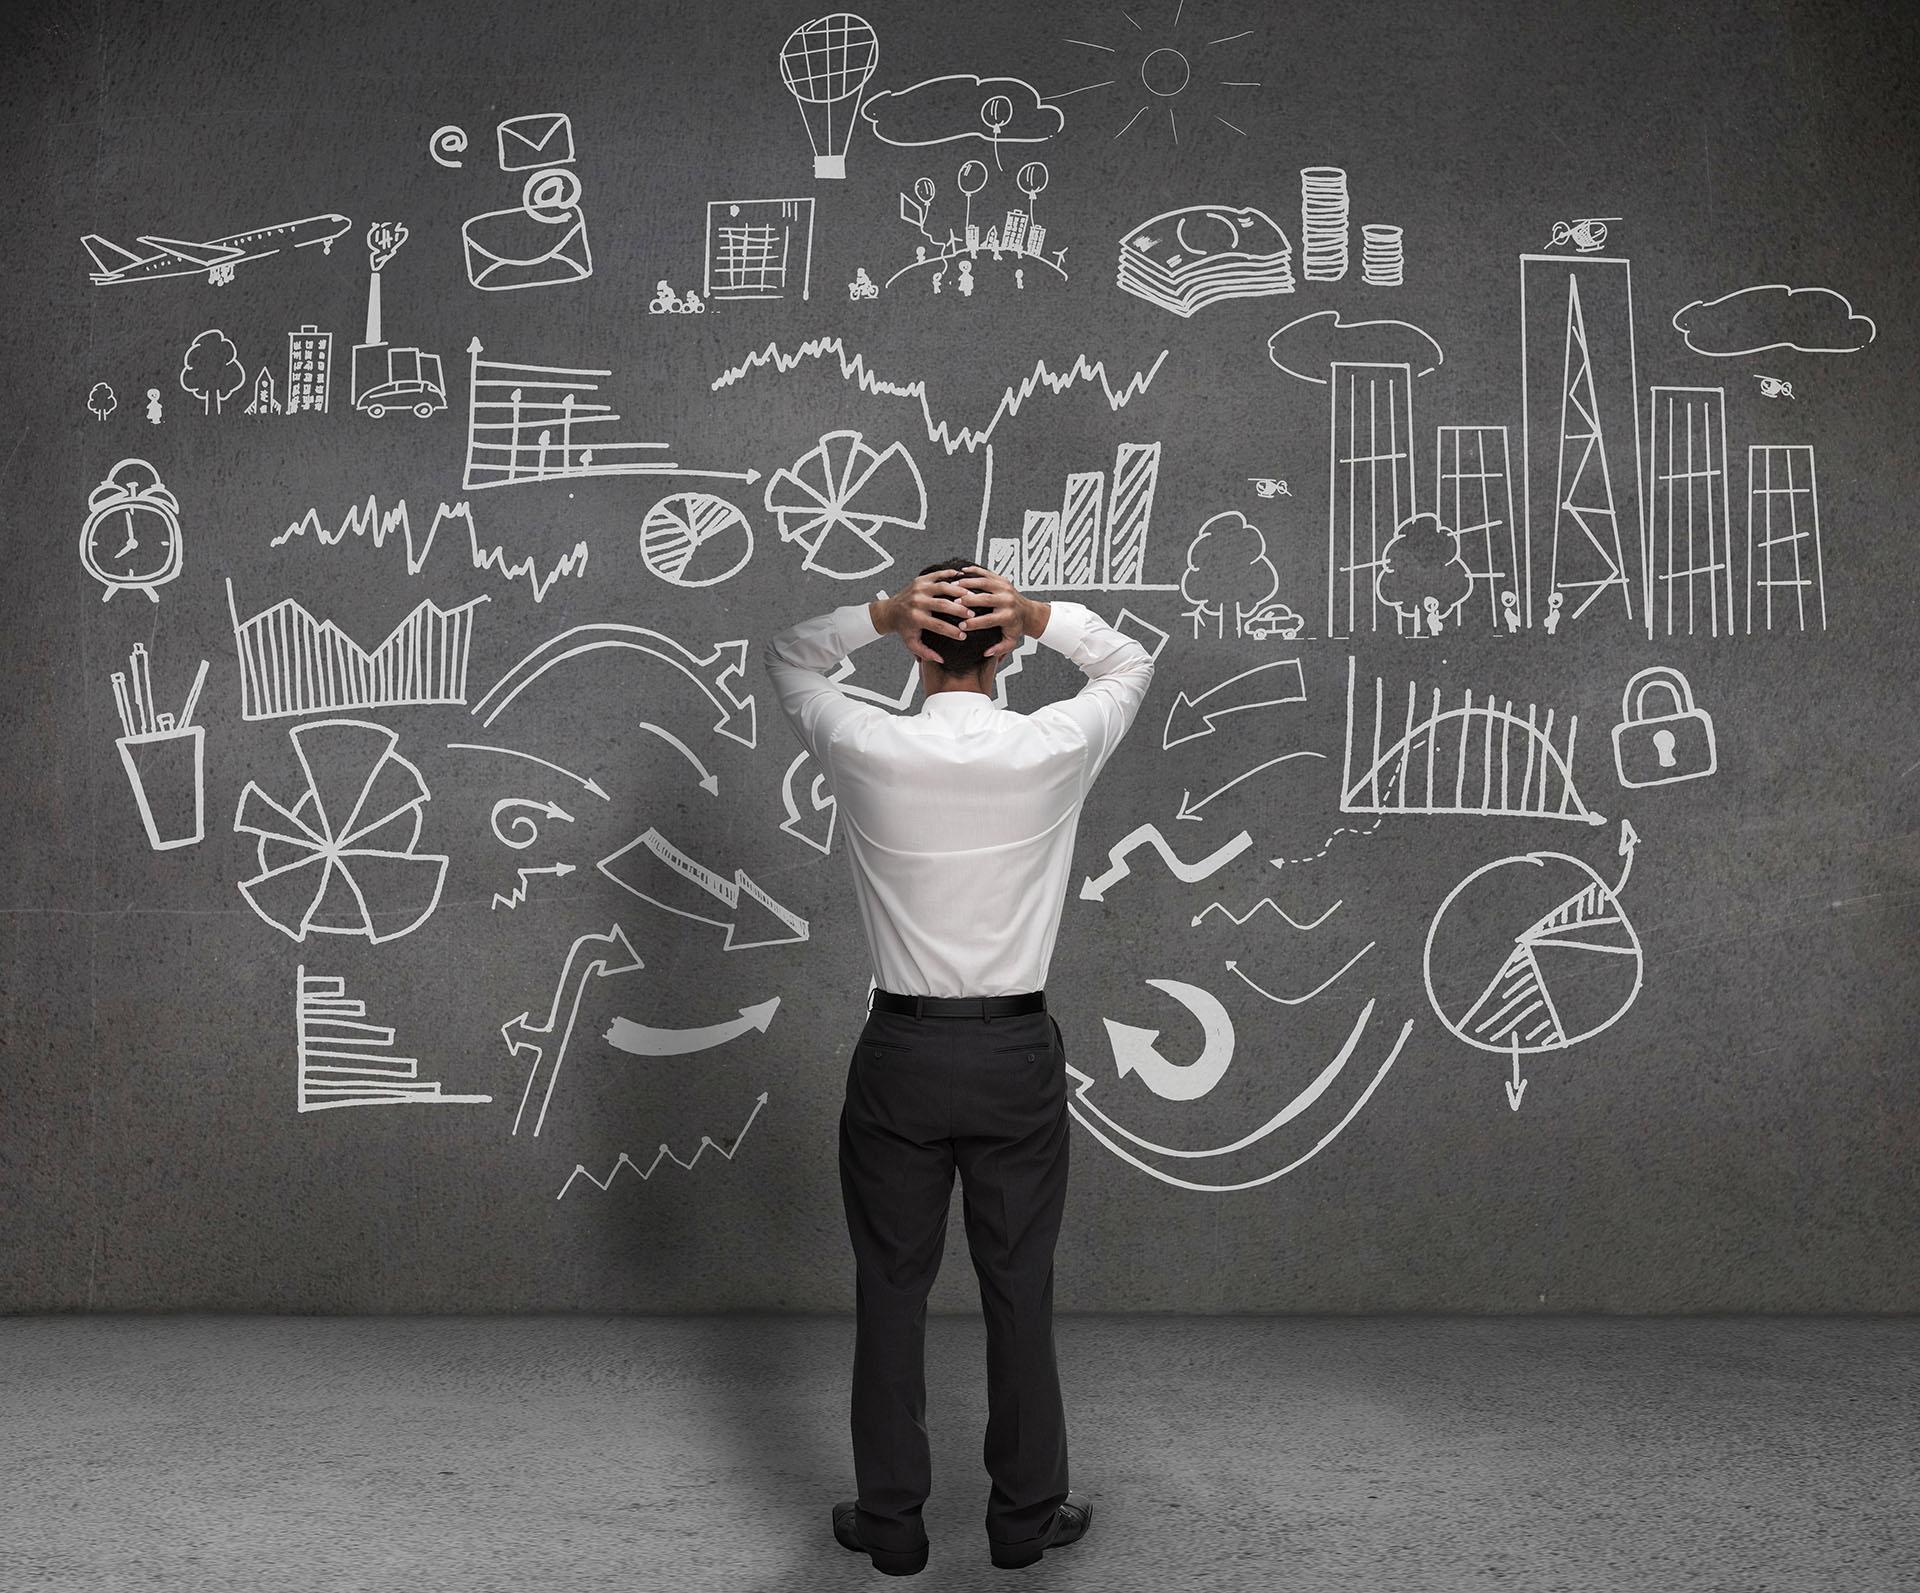 Soluções de TI: você realmente sabe o que está procurando? 1